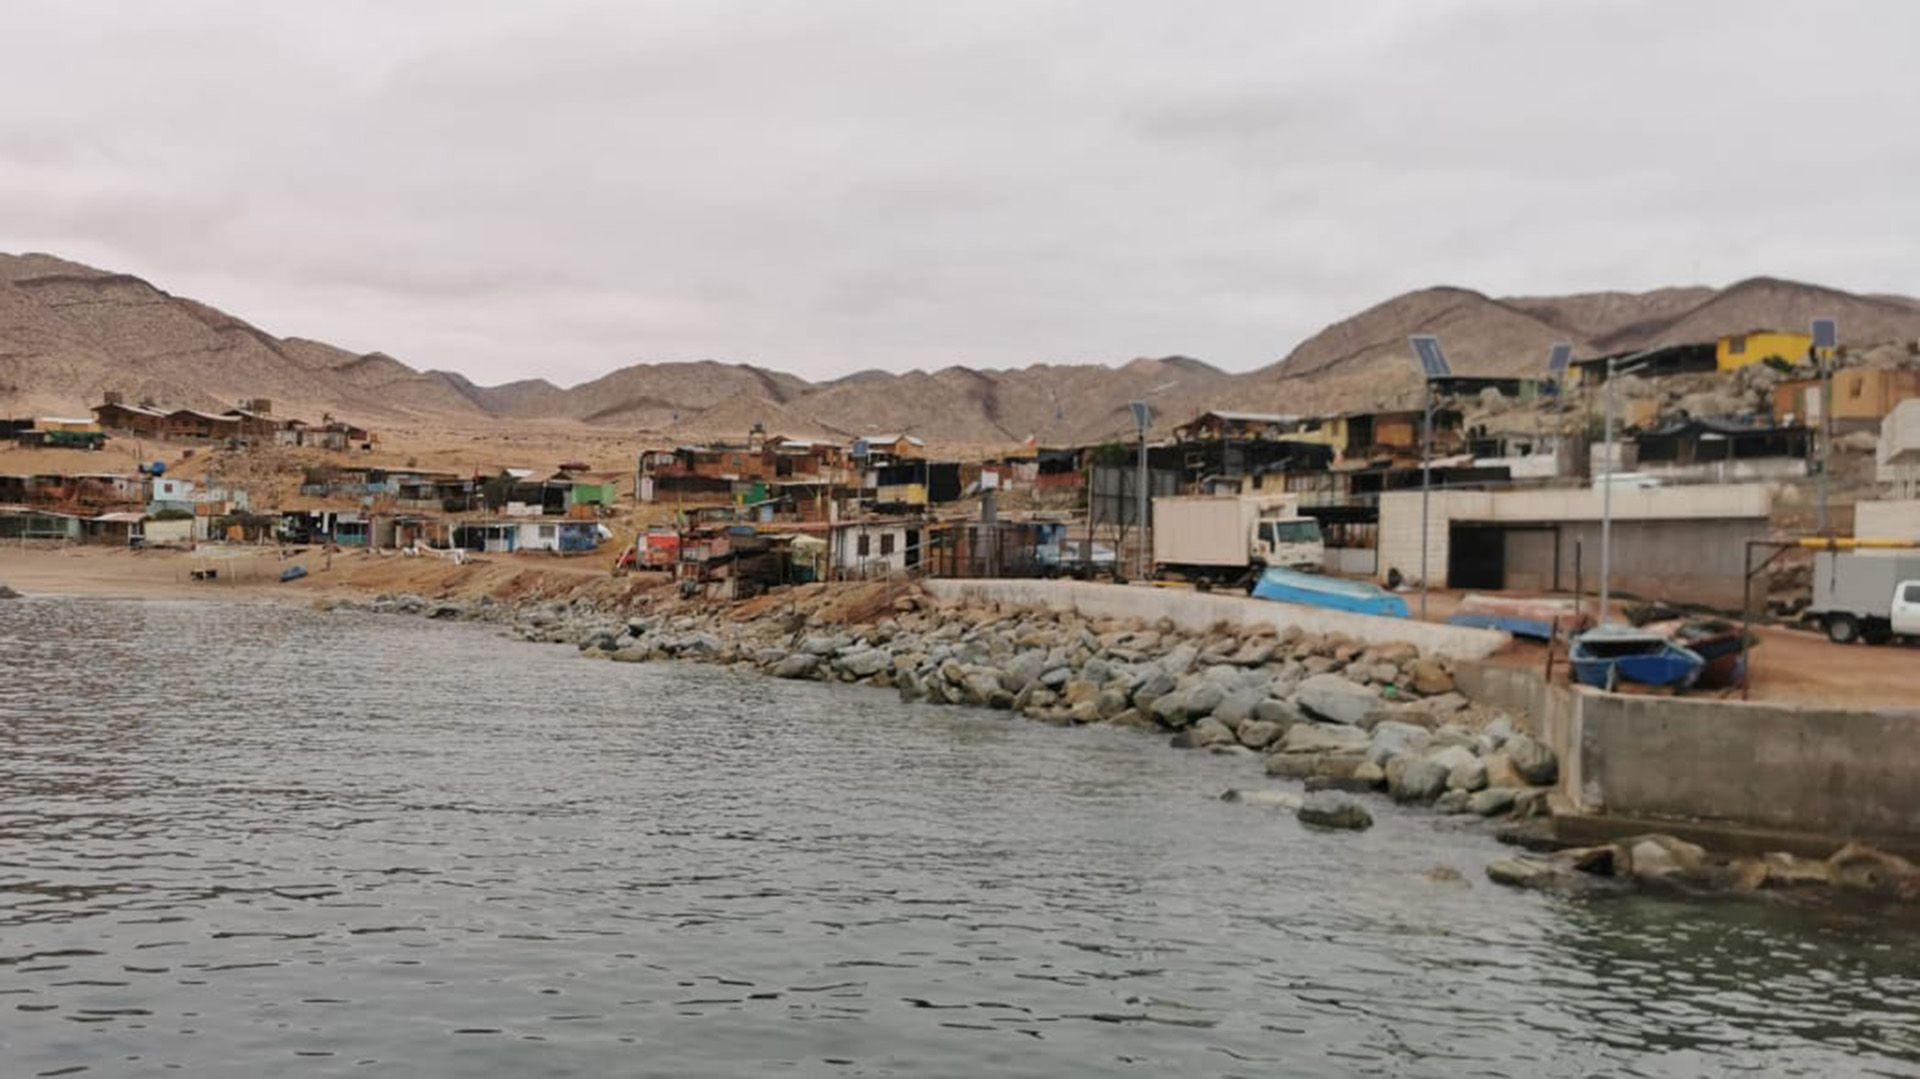 Pescadores artesanales de Chile denuncian avistamiento de barcos clandestinos chinos frente a sus costas